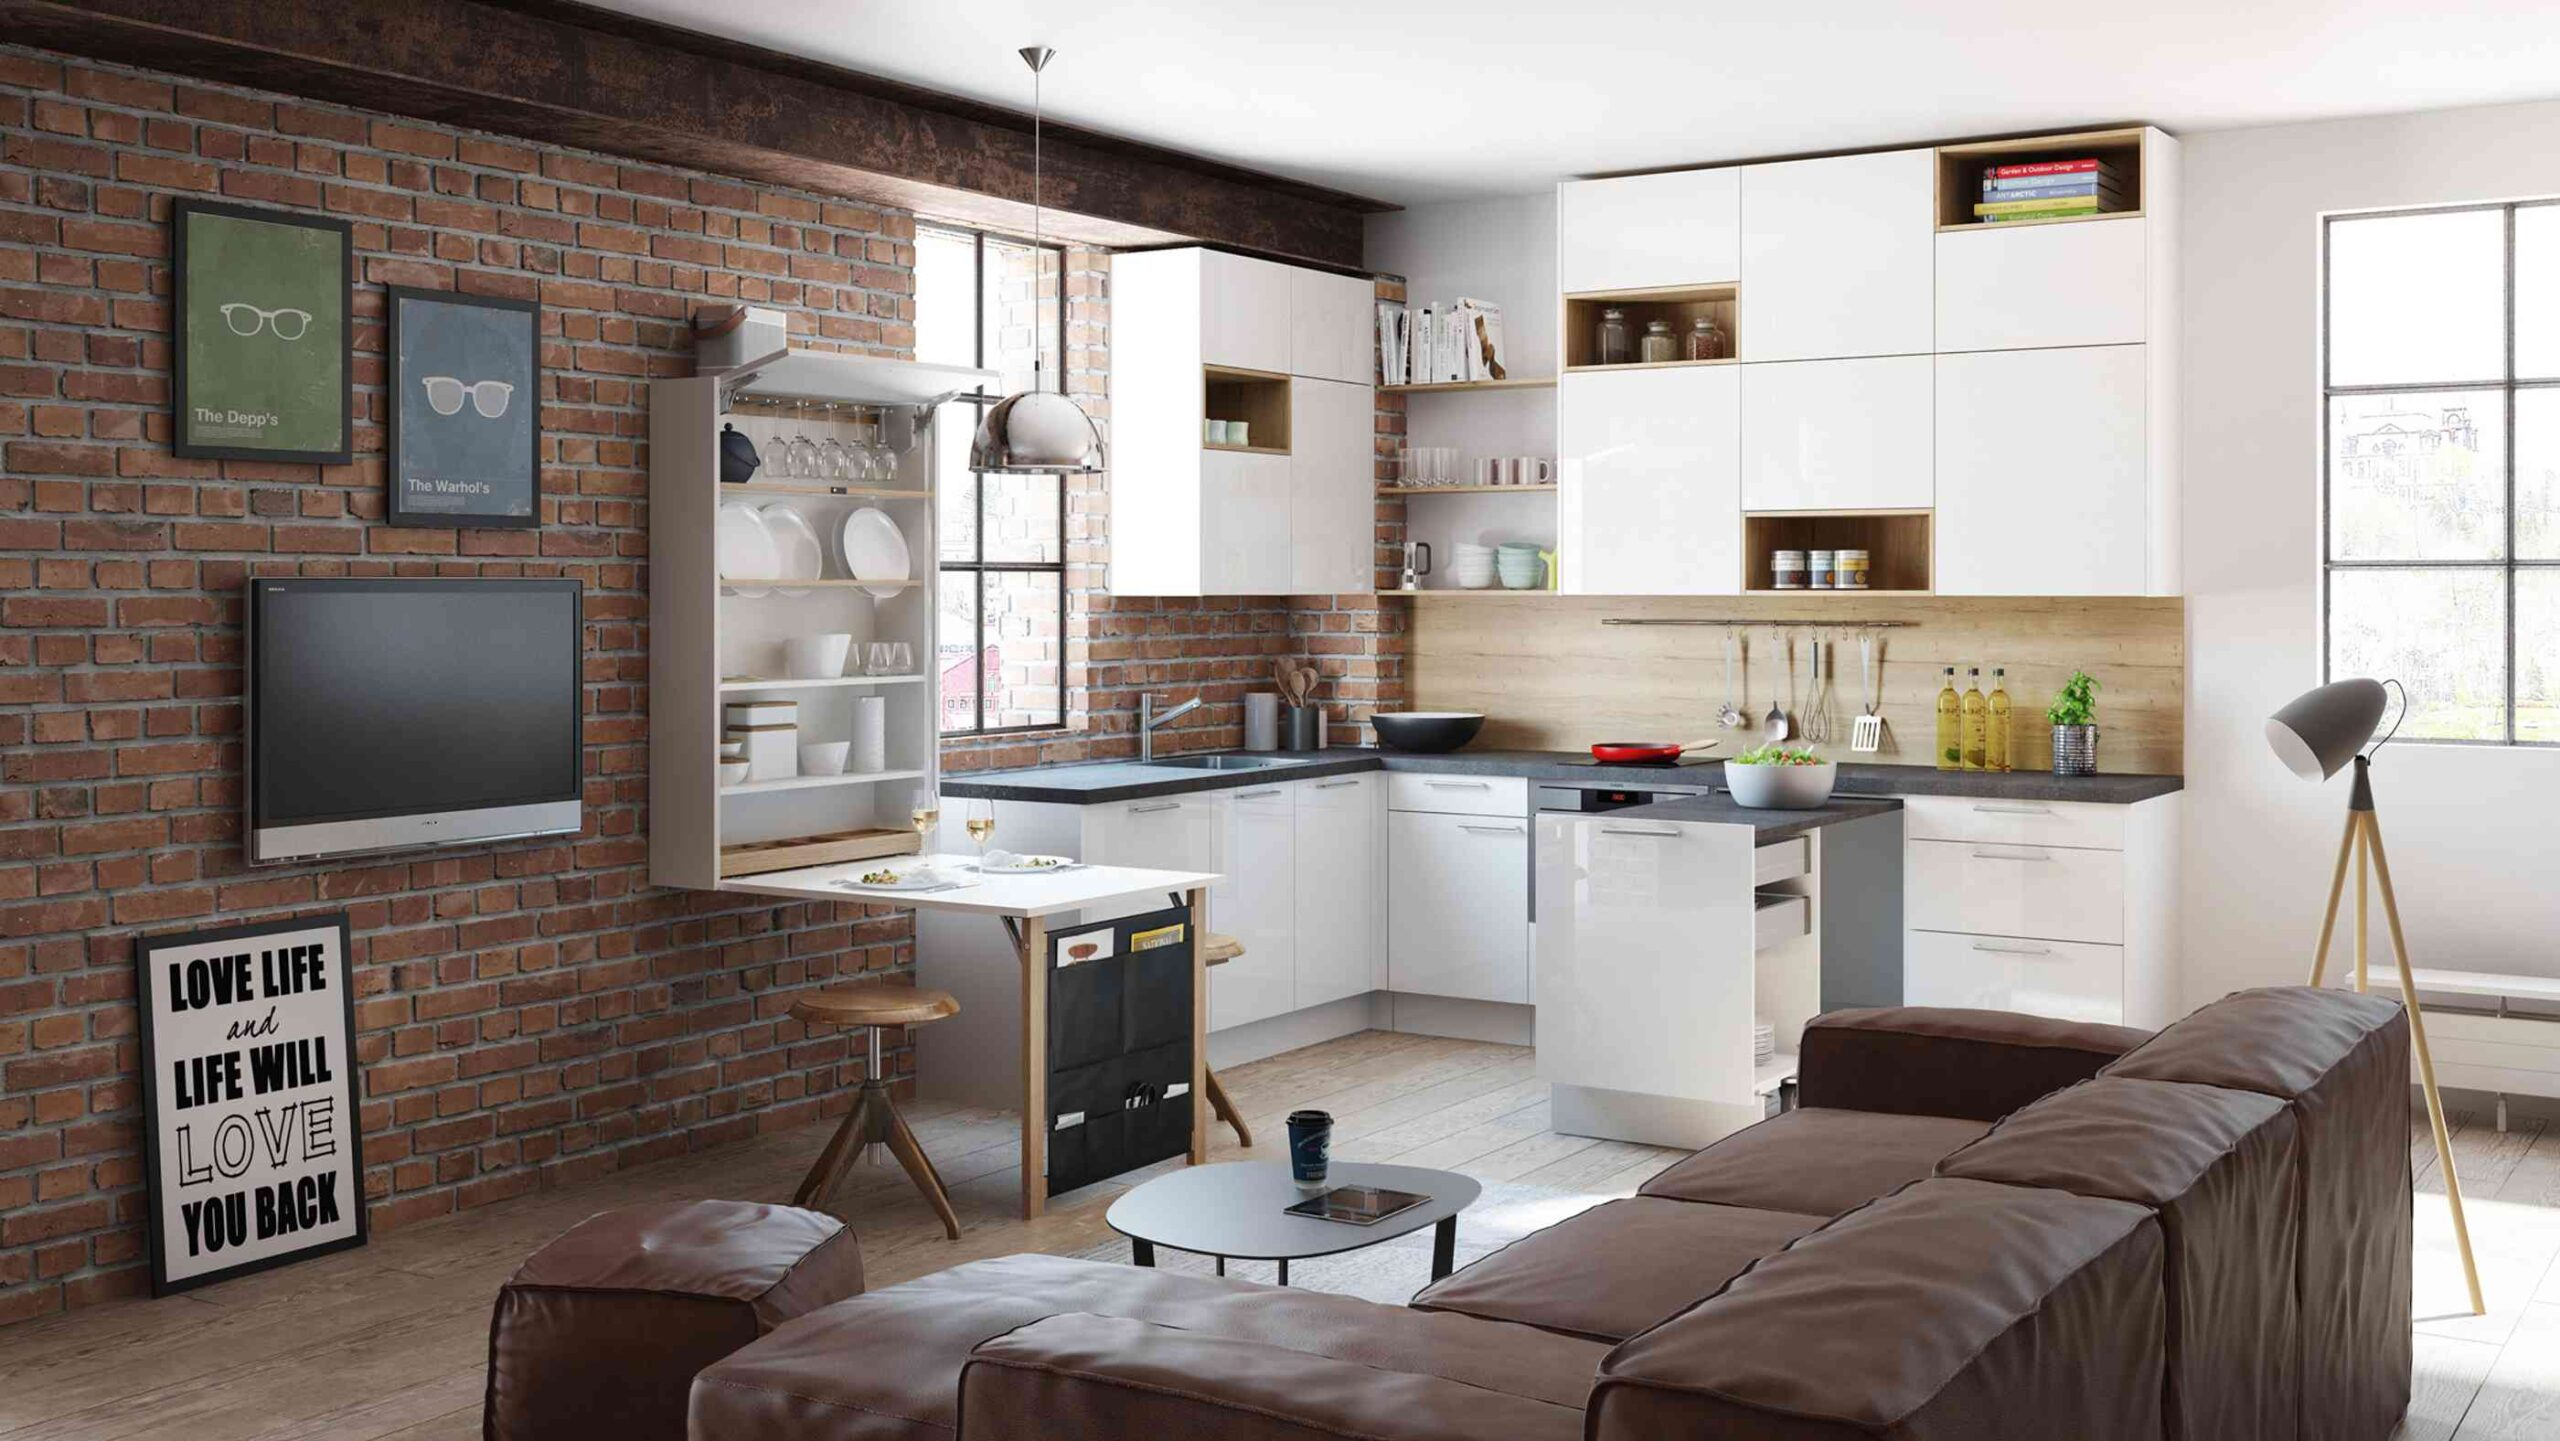 Full Size of Ikea Miniküchen Sofa Mit Schlaffunktion Modulküche Küche Kosten Miniküche Kaufen Betten Bei 160x200 Wohnzimmer Ikea Miniküchen